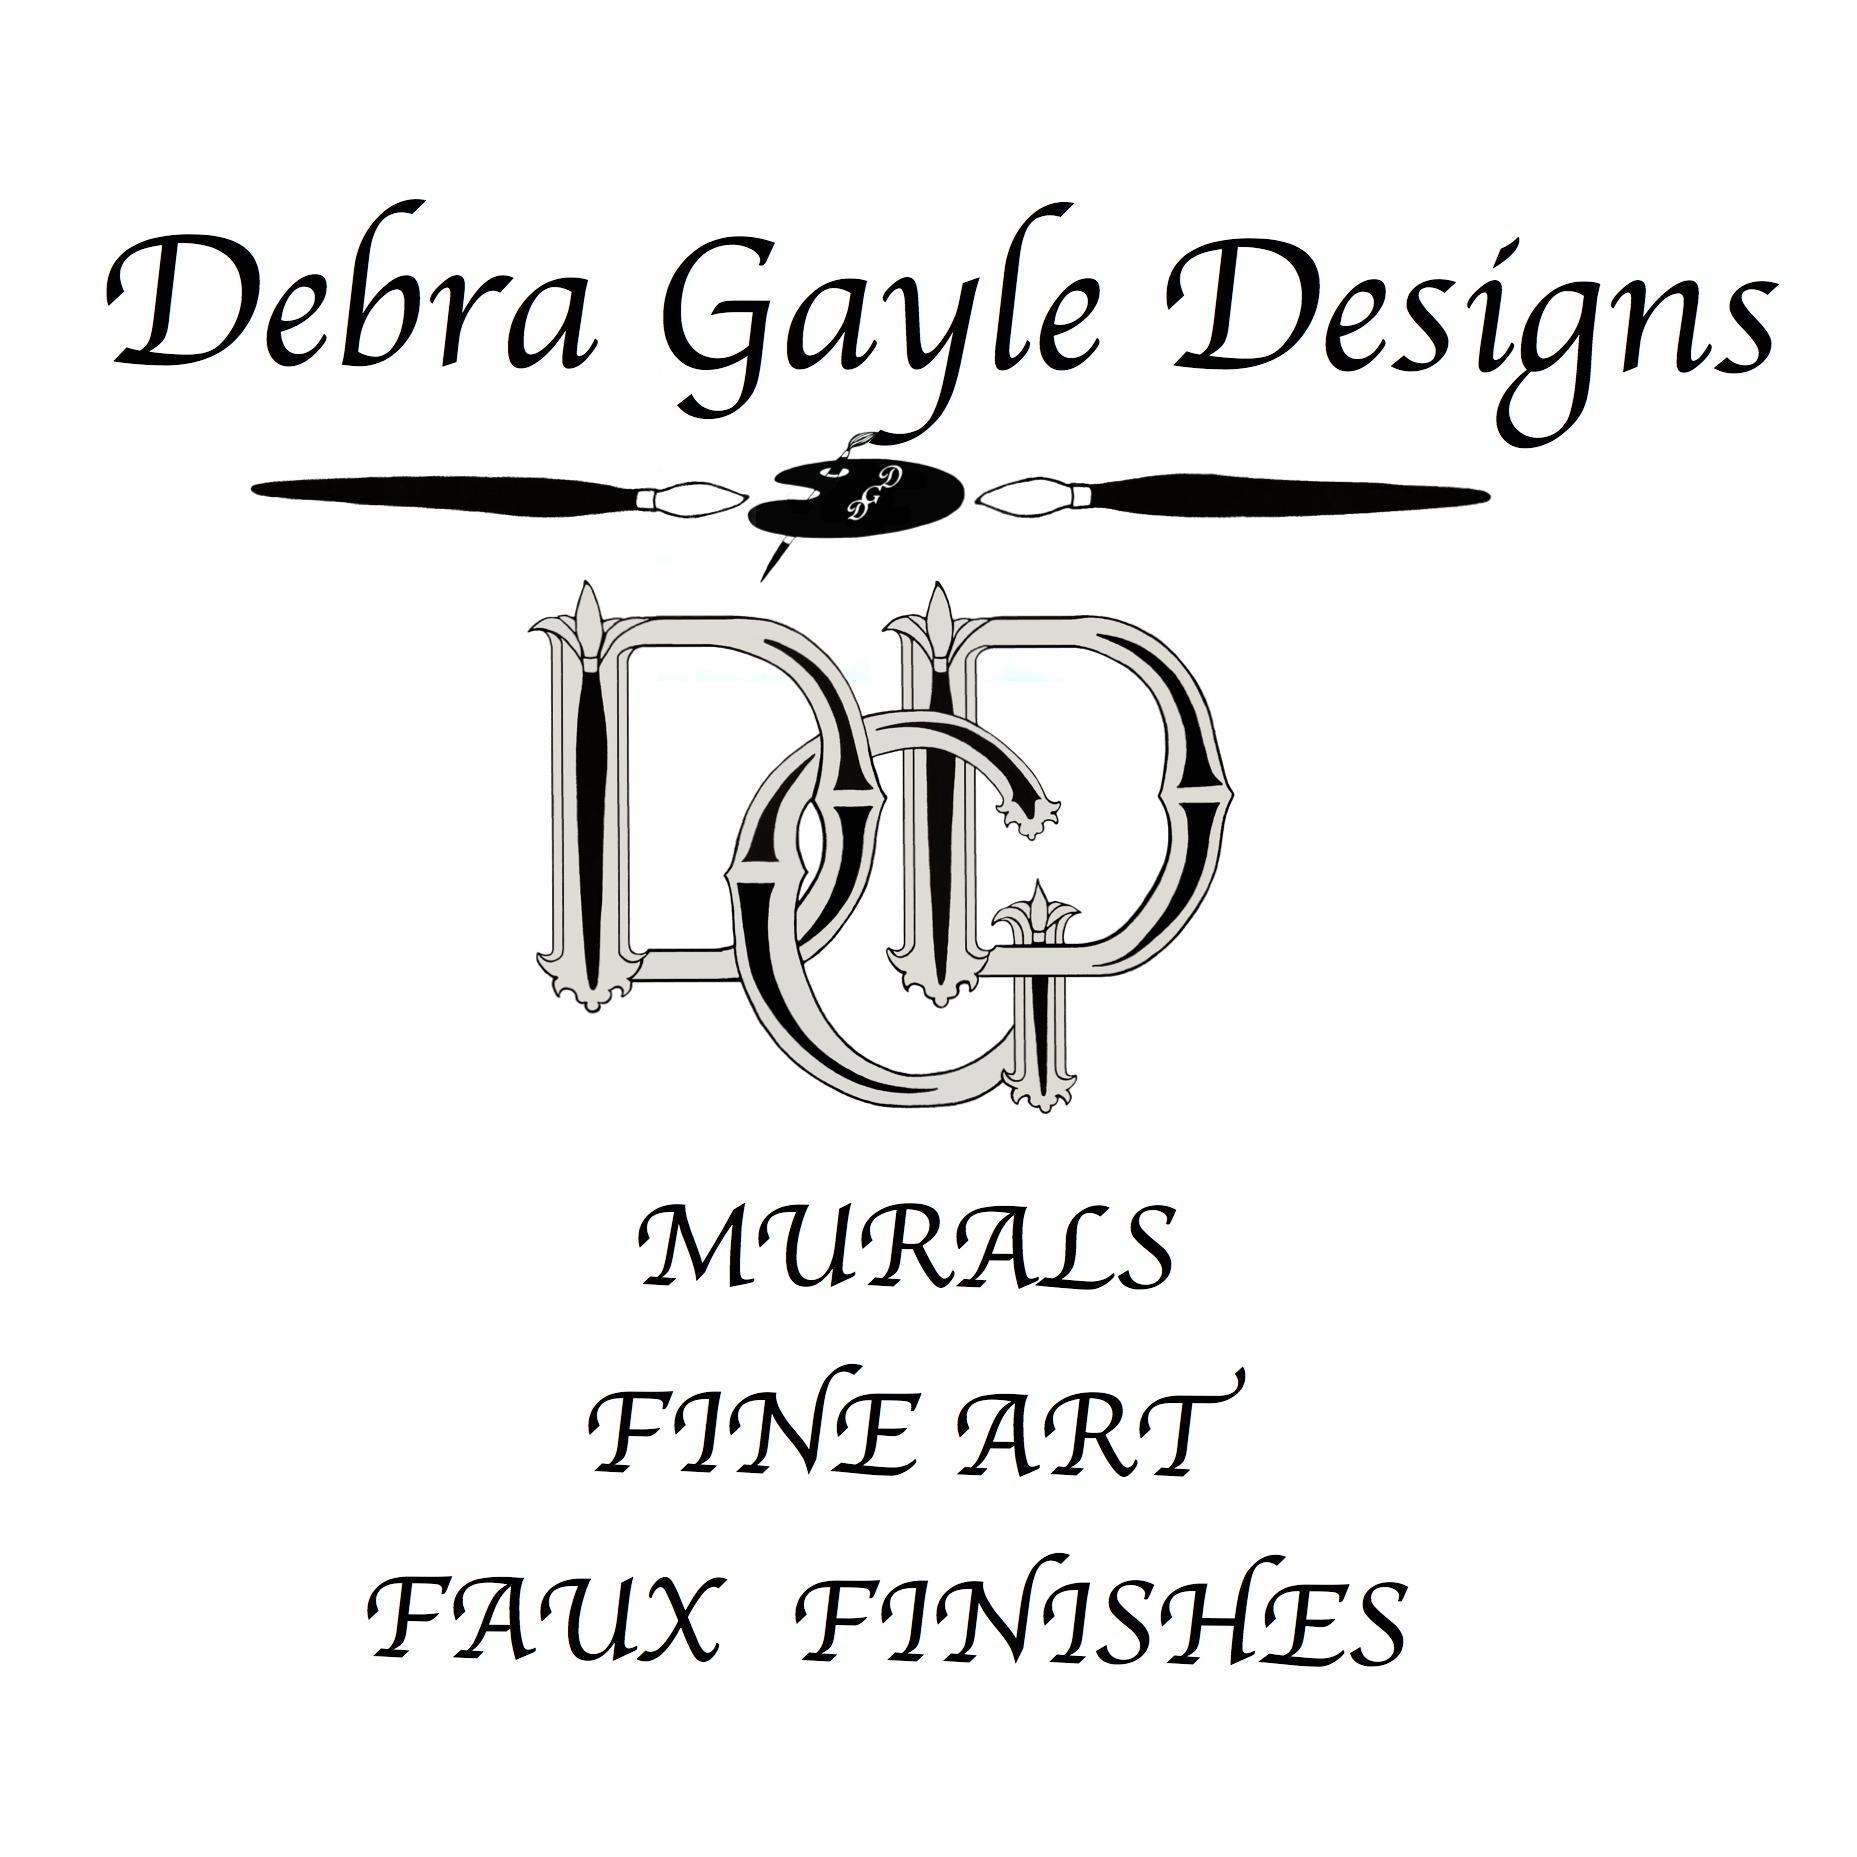 Debra Gayle Designs